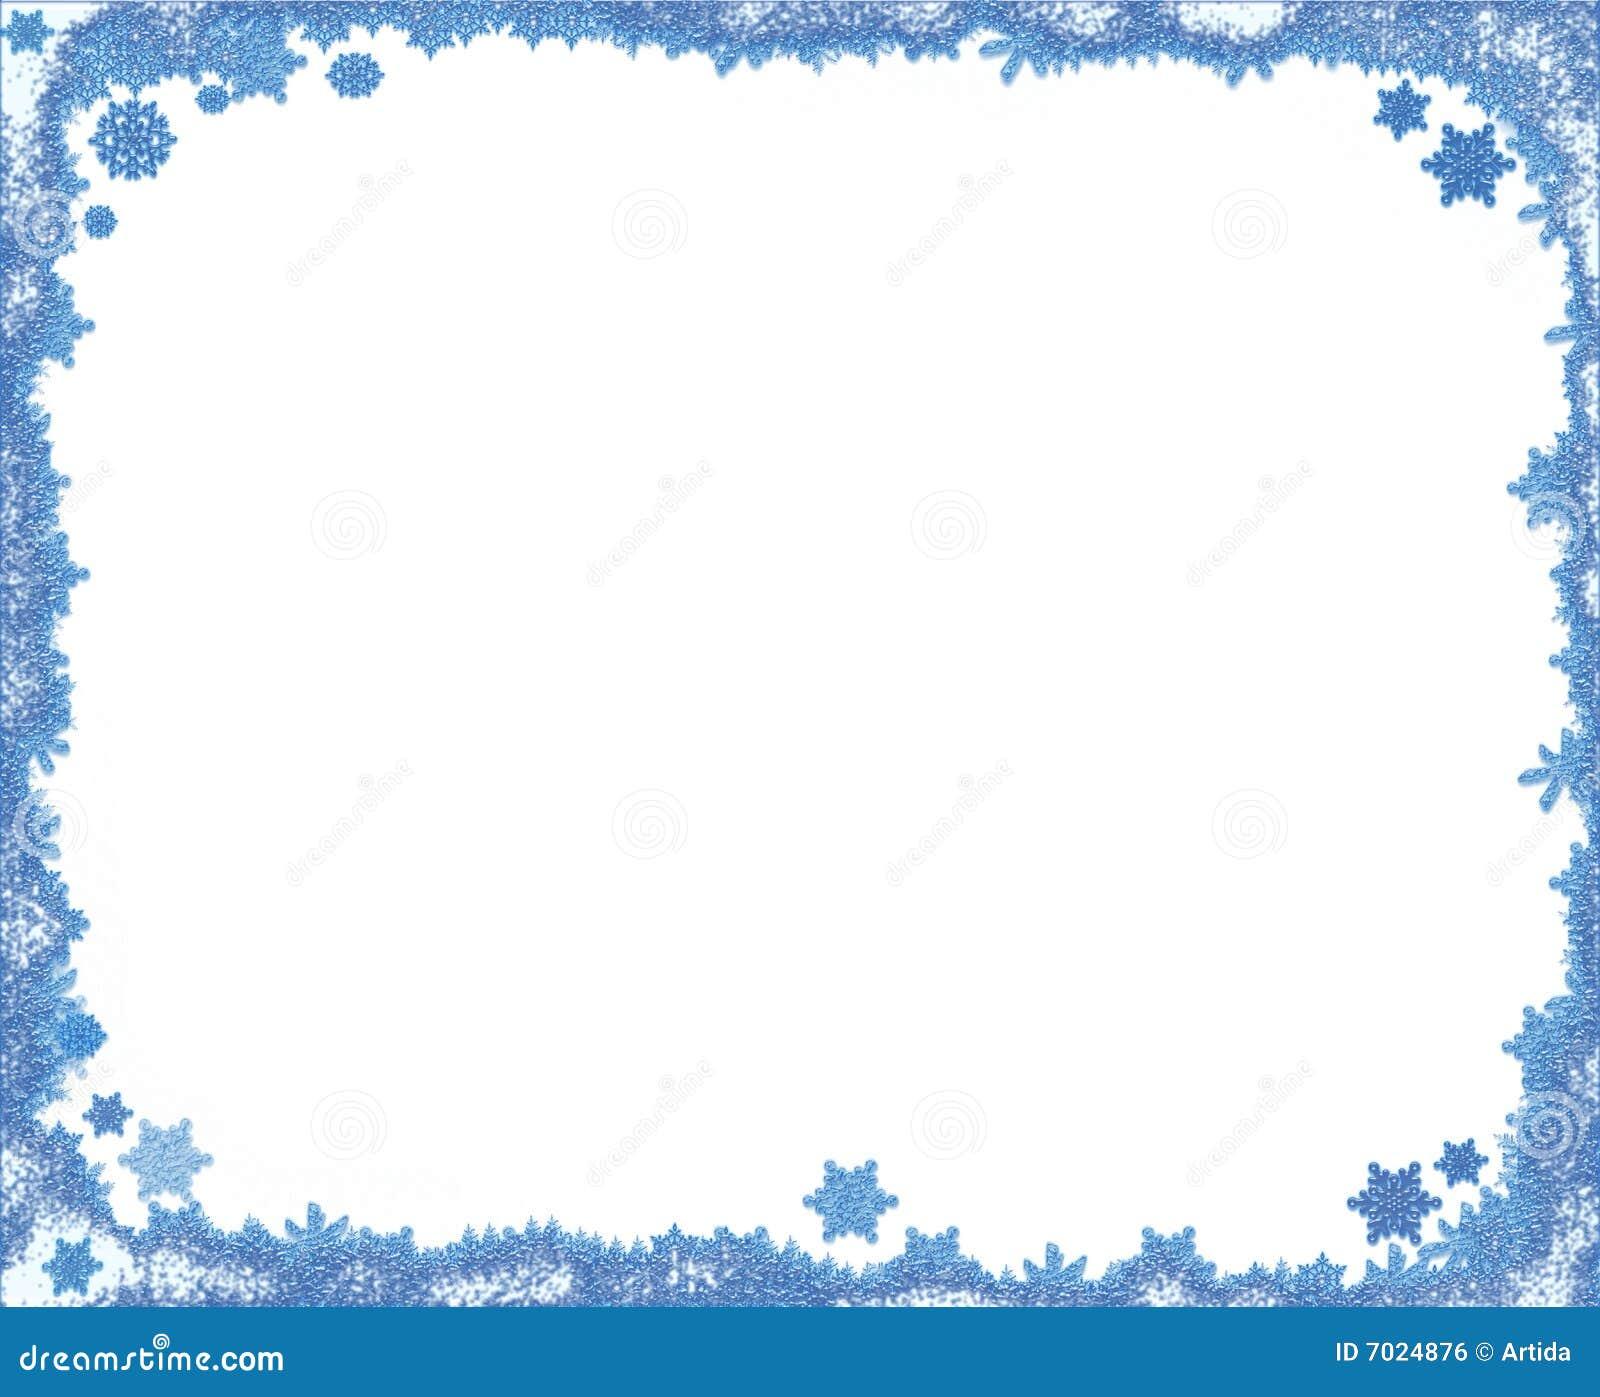 Marcos de navidad marco de fotos copo de nieve 3 fotos - Marcos para decorar ...